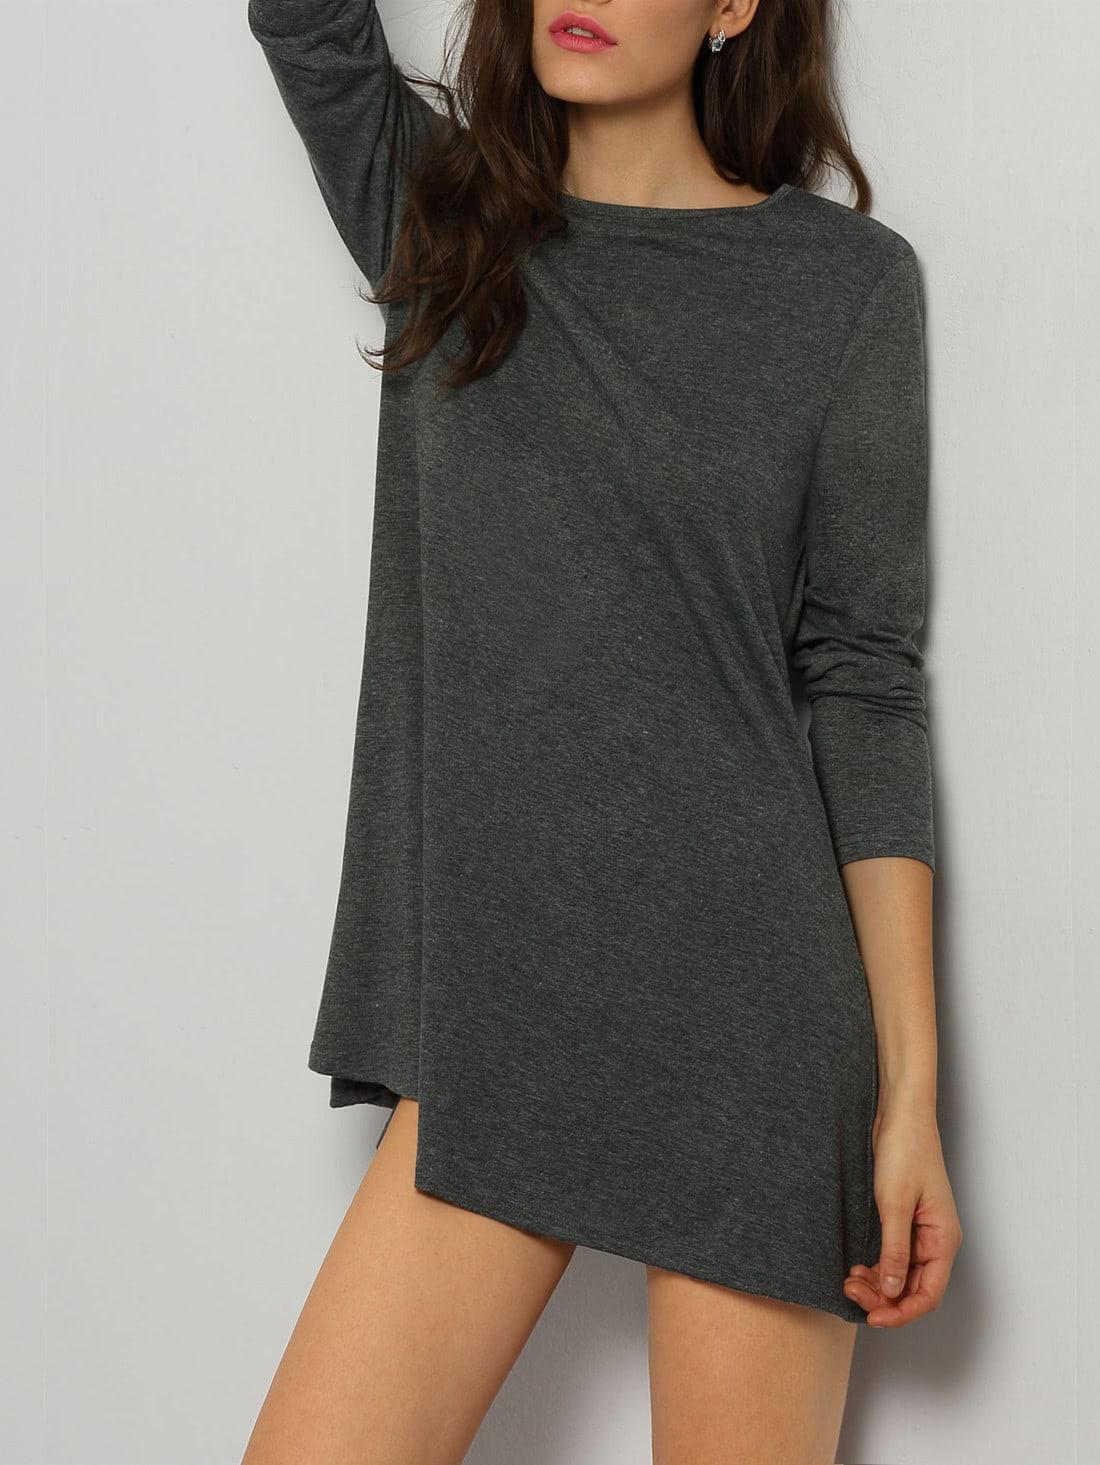 Фото Grey Crew Neck Casual Tshirt Dress. Купить с доставкой